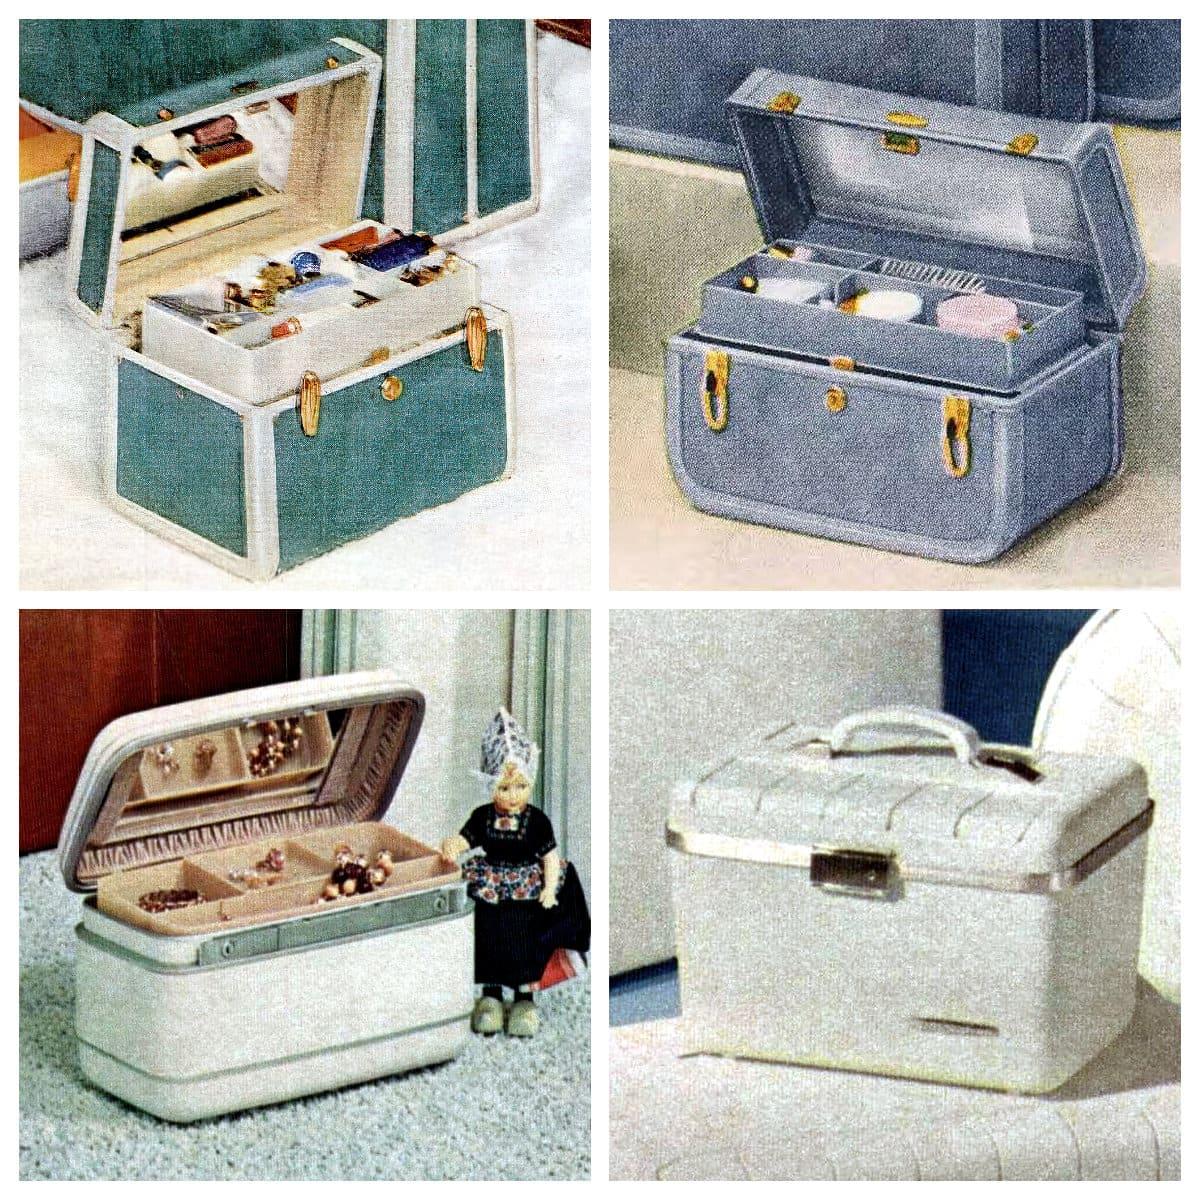 Retro sixties train - beauty case styles (1963)